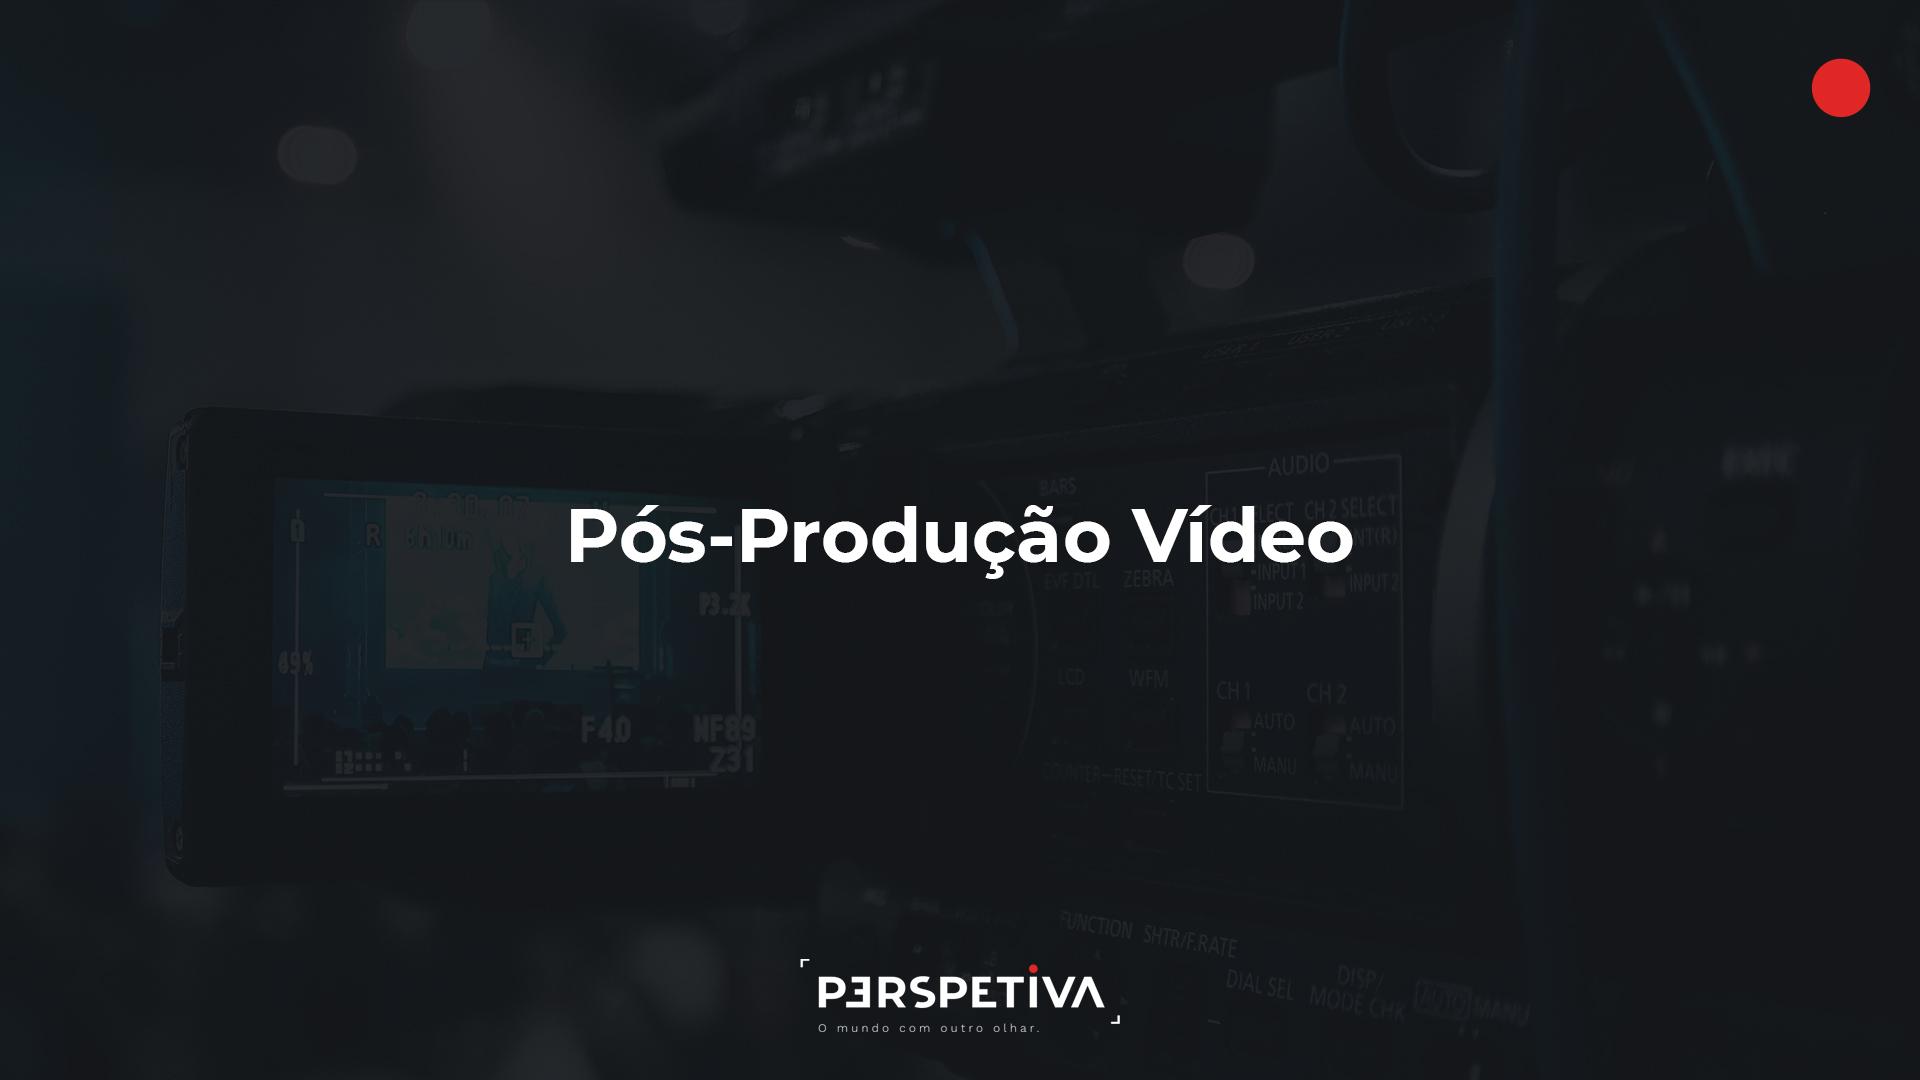 Pós-Produção: A etapa que dá vida e cor às imagens